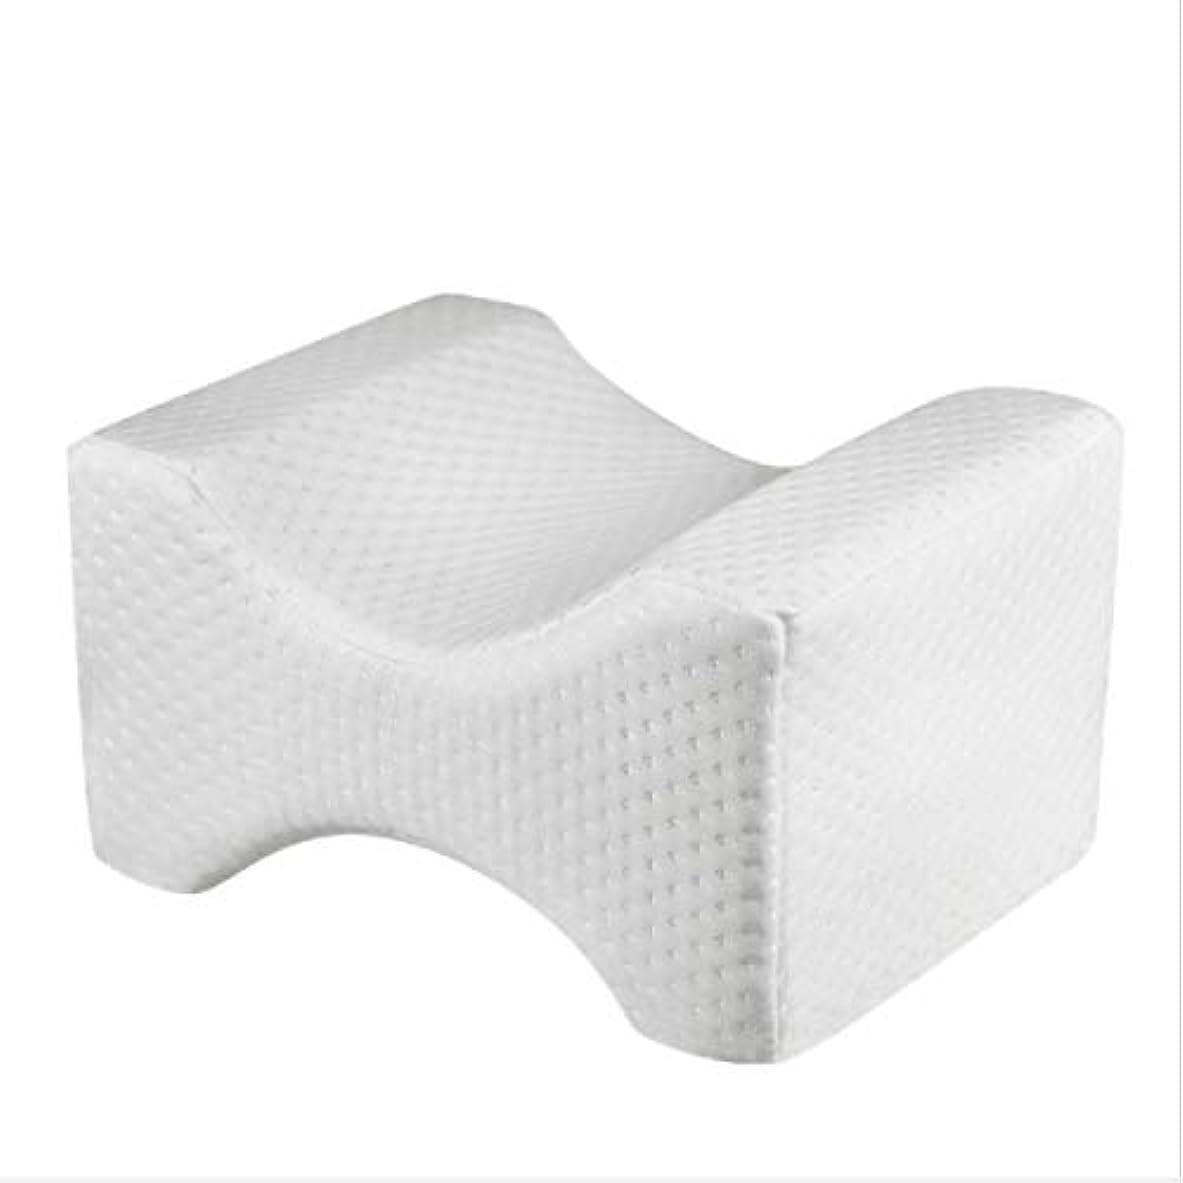 明日小川補充Intercorey Fdrirect膝枕クリップ足低反発ウェッジ遅いリバウンド低反発綿クランプマッサージ枕妊娠中の女性